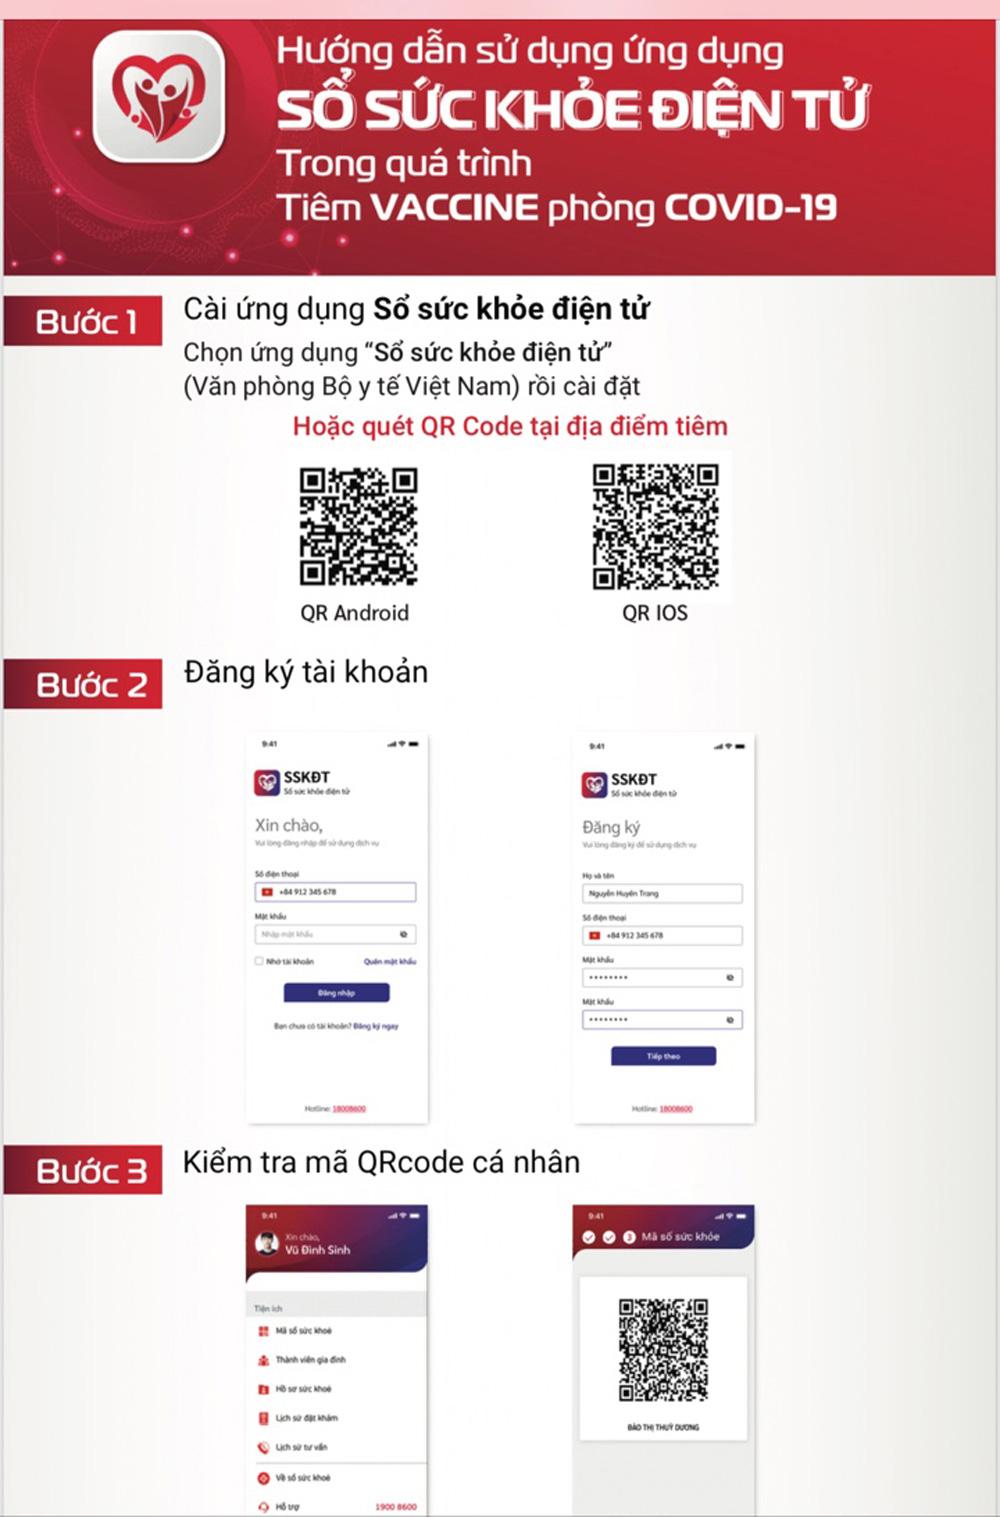 Phần mềm hỗ trợ phòng, chống dịch, công nghệ thông tin, Bắc Giang